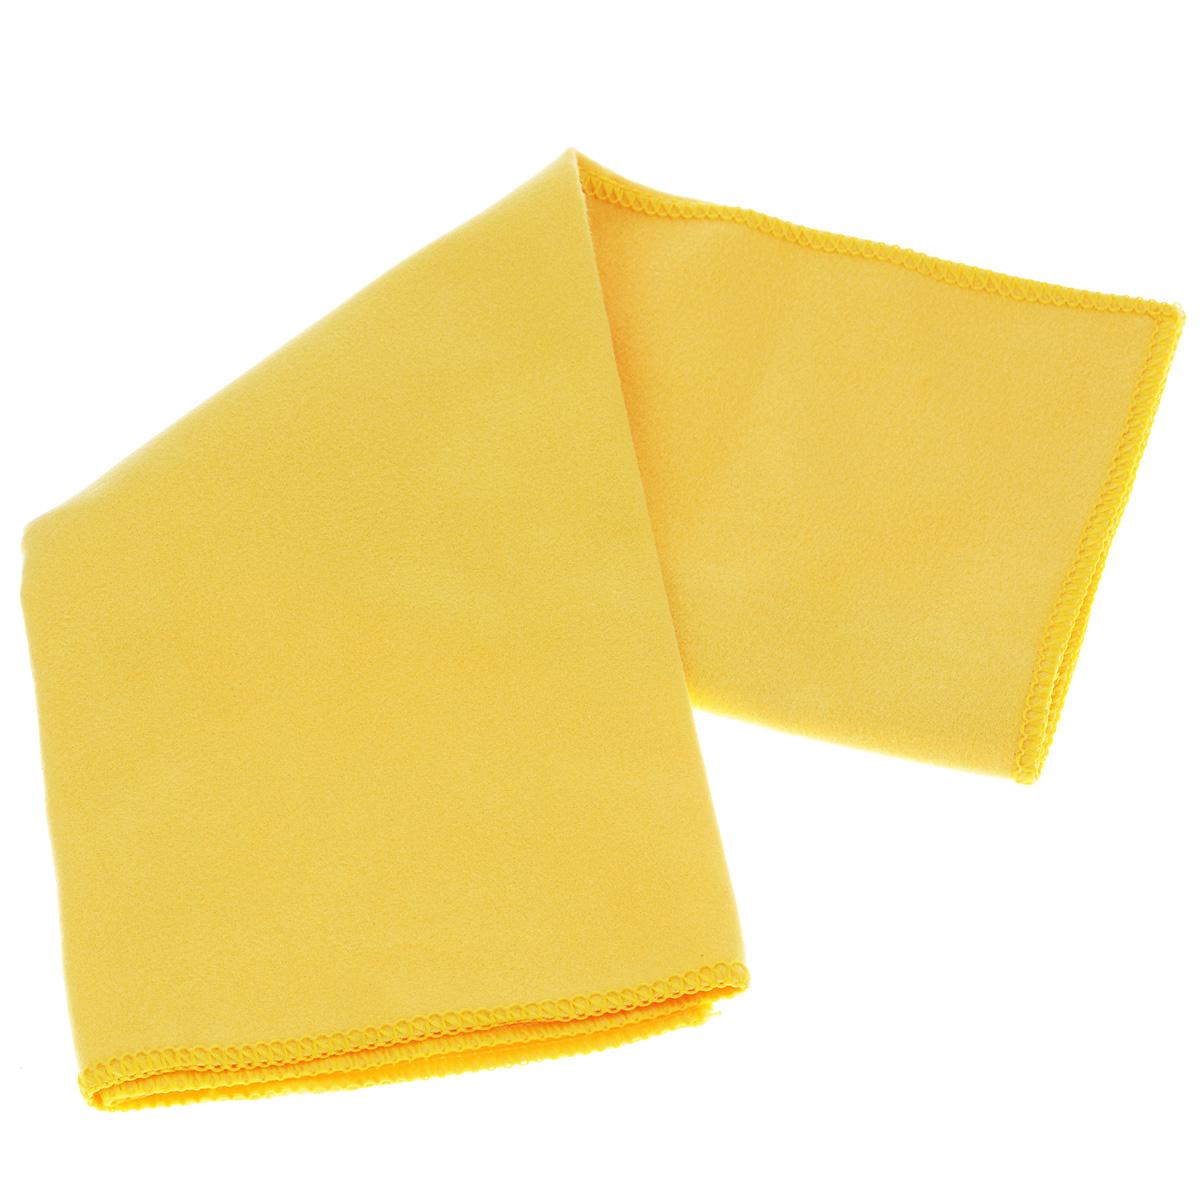 Cалфетка Sapfire Suede, цвет: желтый, 35 х 40 см салфетка чистящая для мытья и полировки автомобиля sapfire netting cloth цвет голубой 35 х 35 см